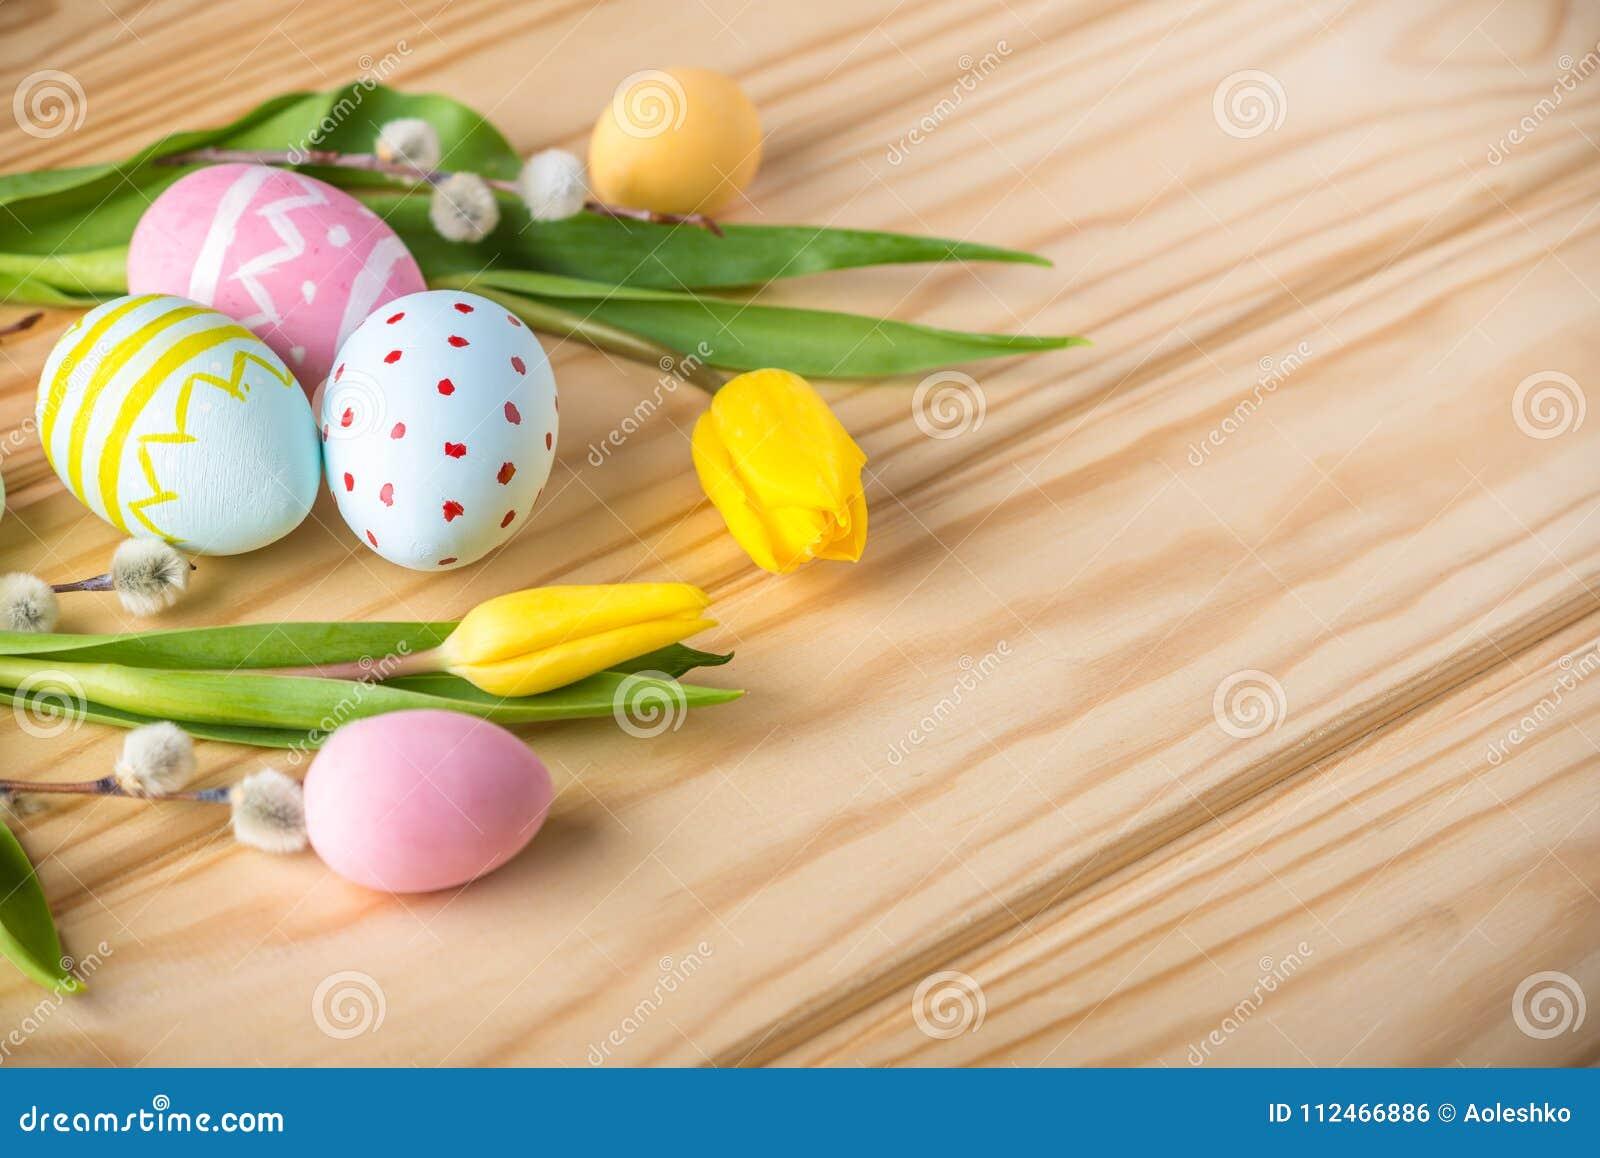 Ovos da páscoa coloridos com a tulipa amarela pintado à mão em um fundo de madeira claro Cartão festivo da mola